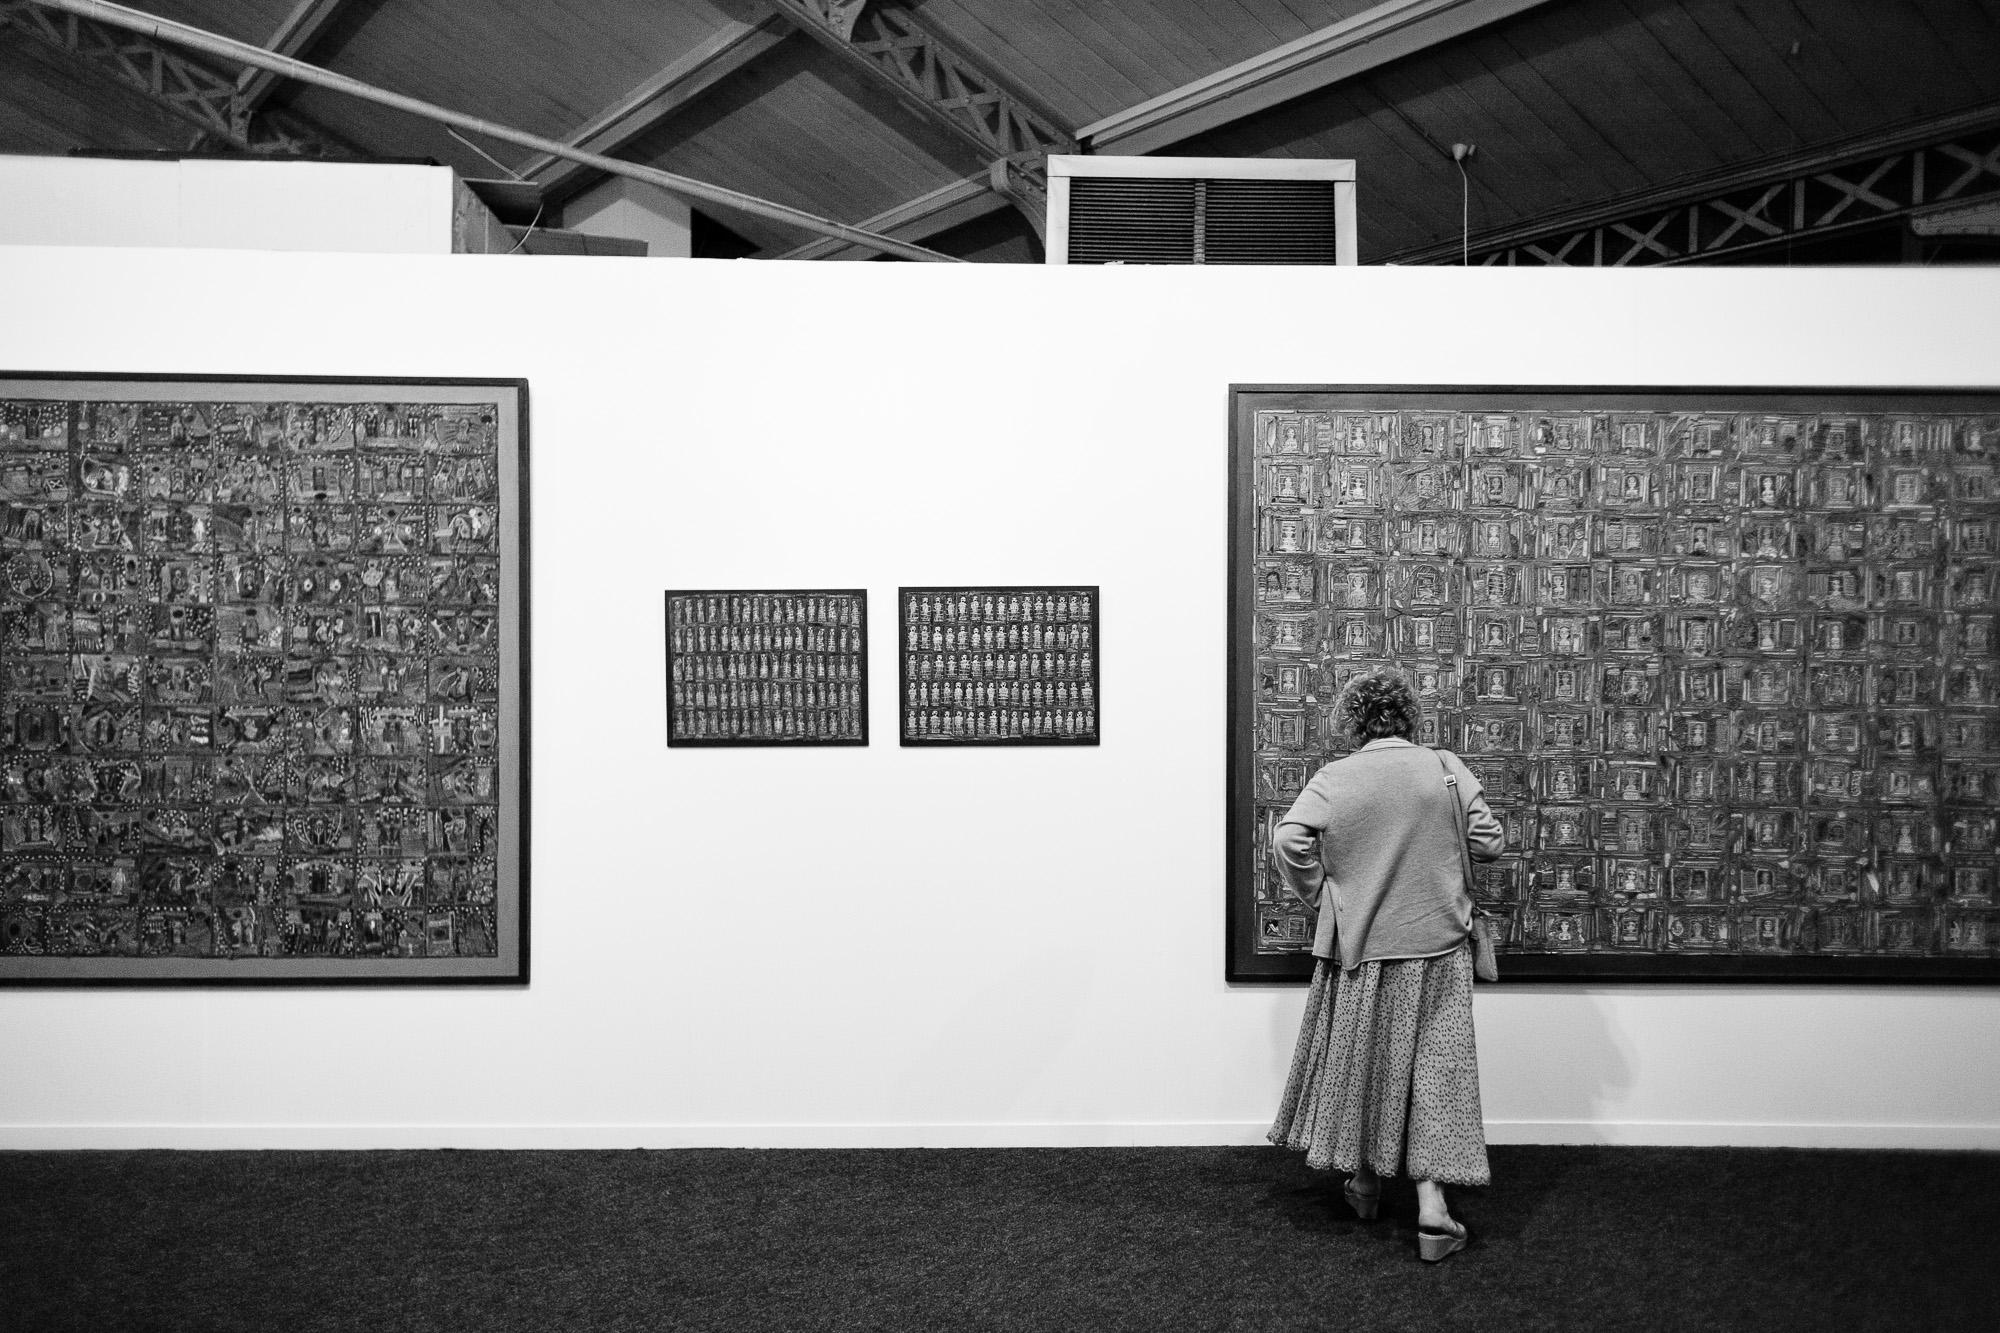 Exposition à la Halle Saint Pierre, Paris. 2010.